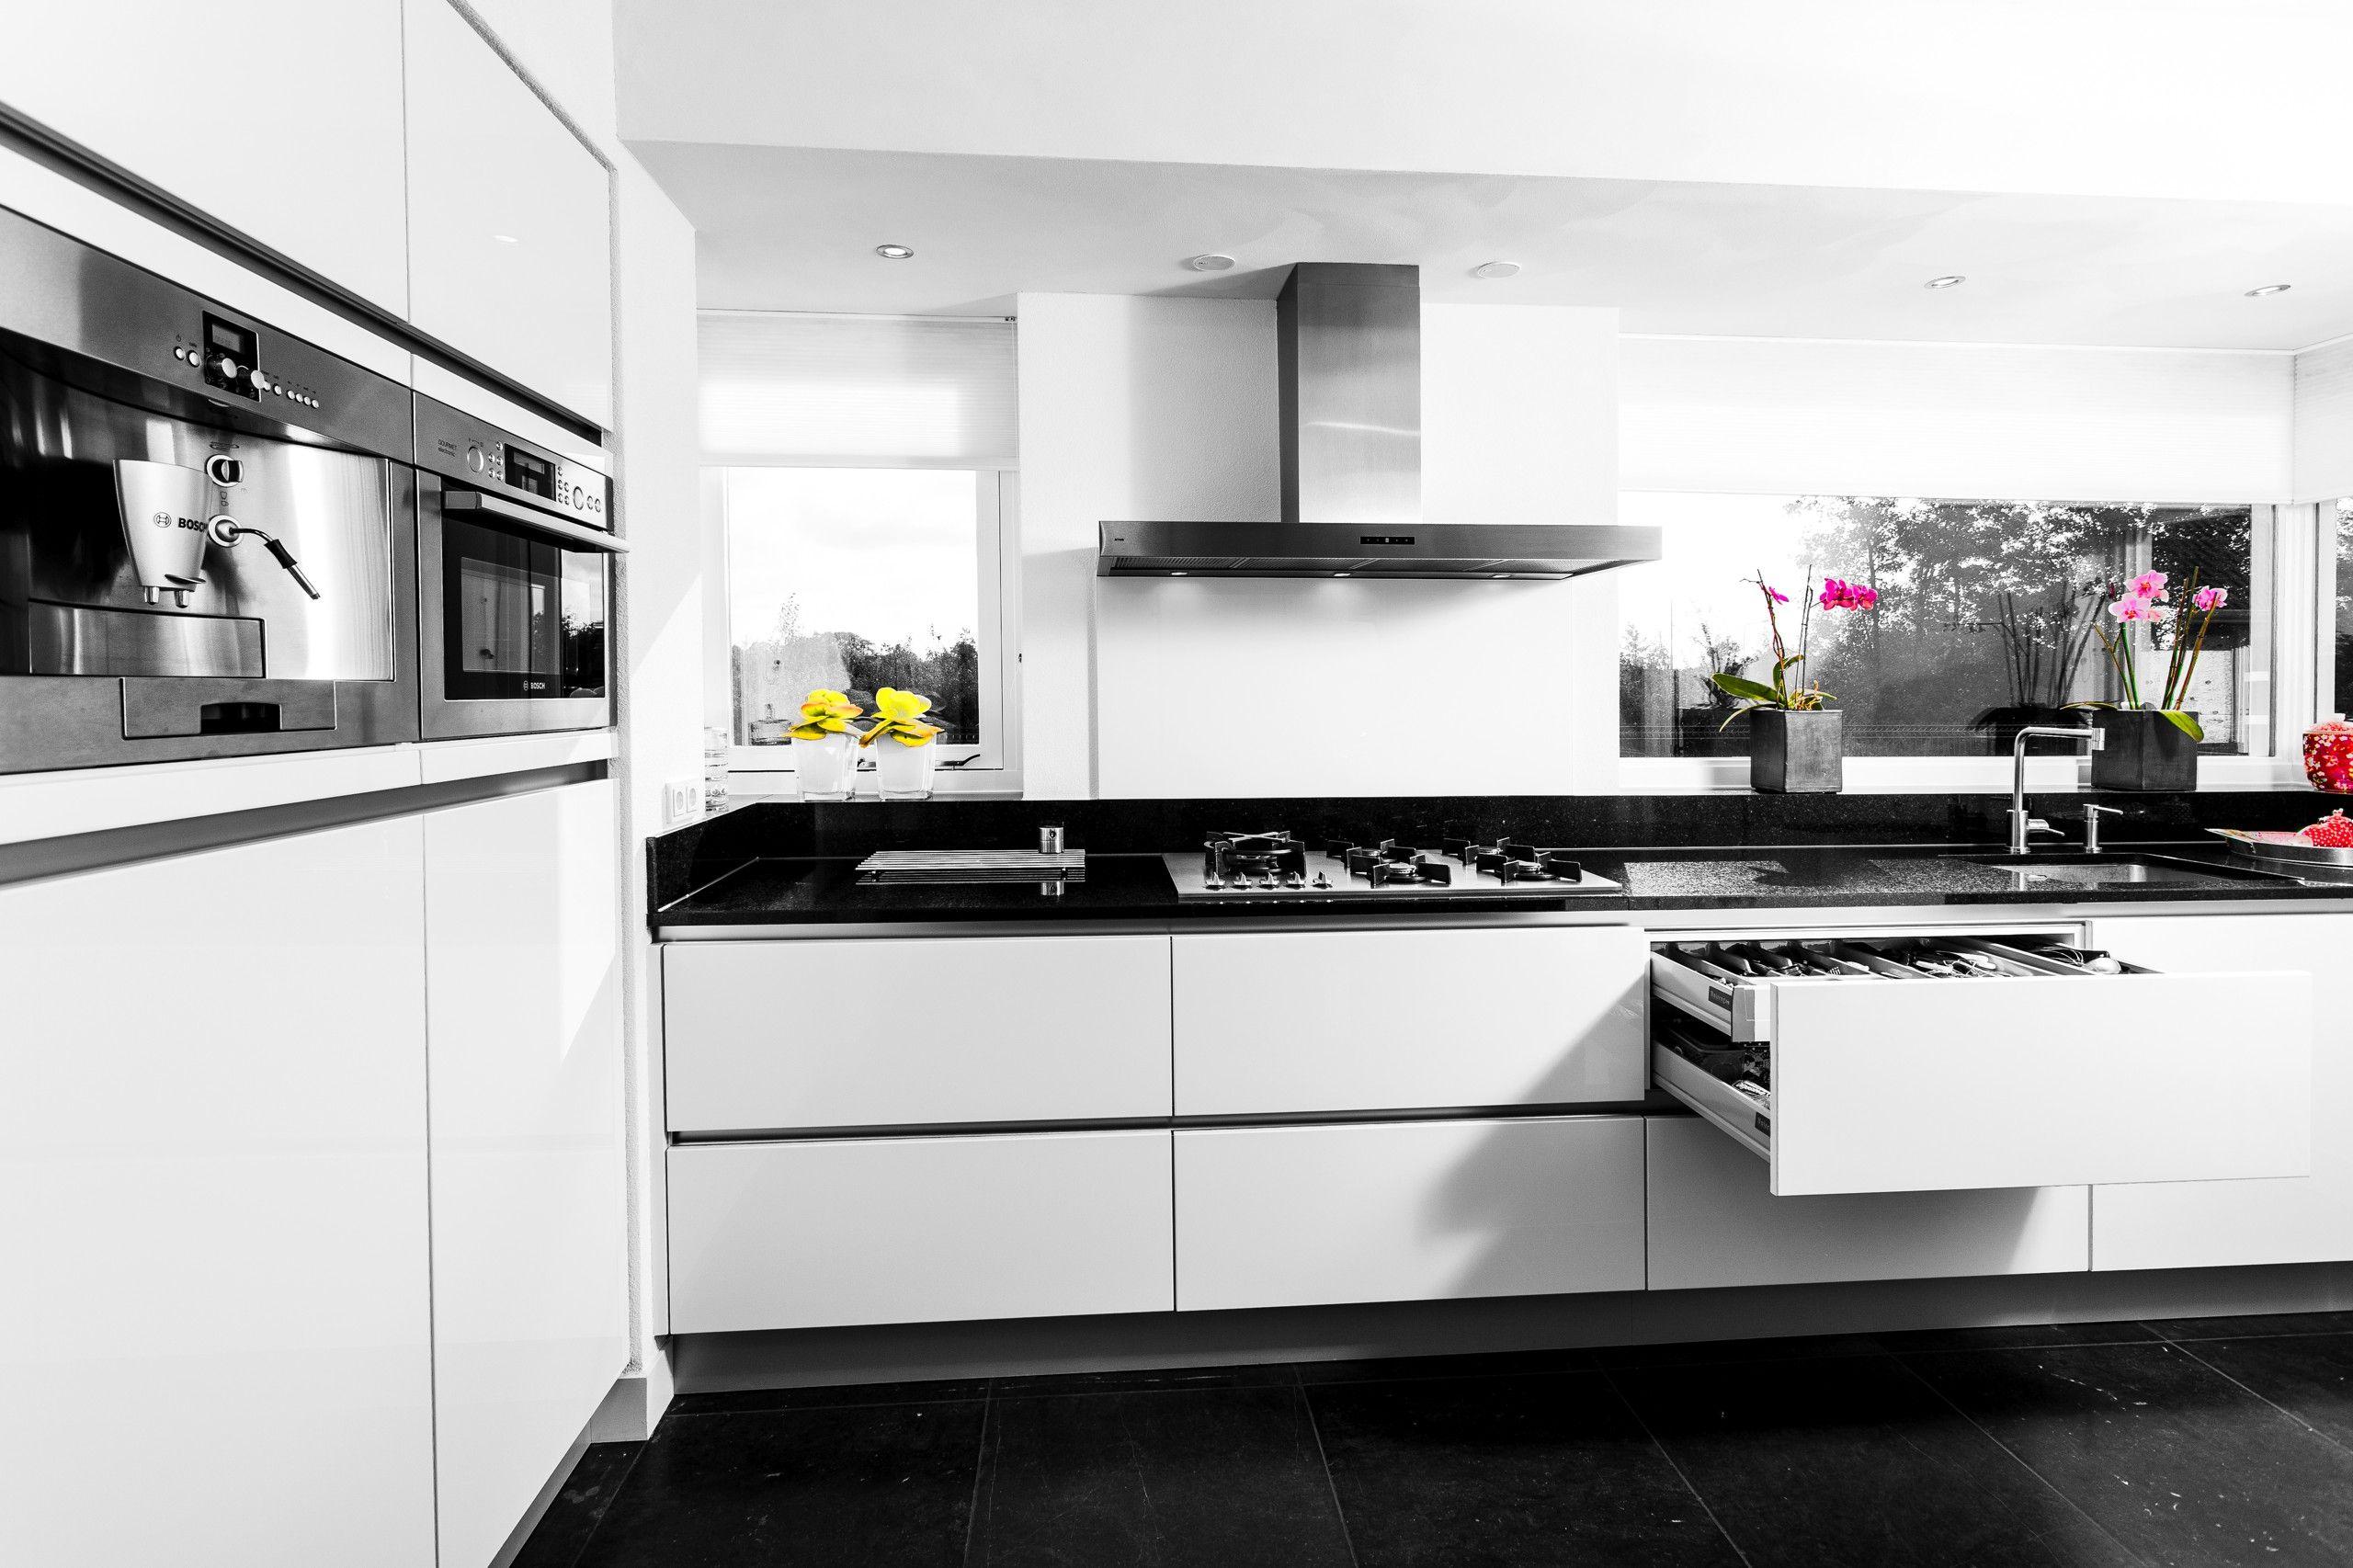 Hoogglans Witte Keuken : Welke kleur vloer bij hoogglans witte keuken keuken